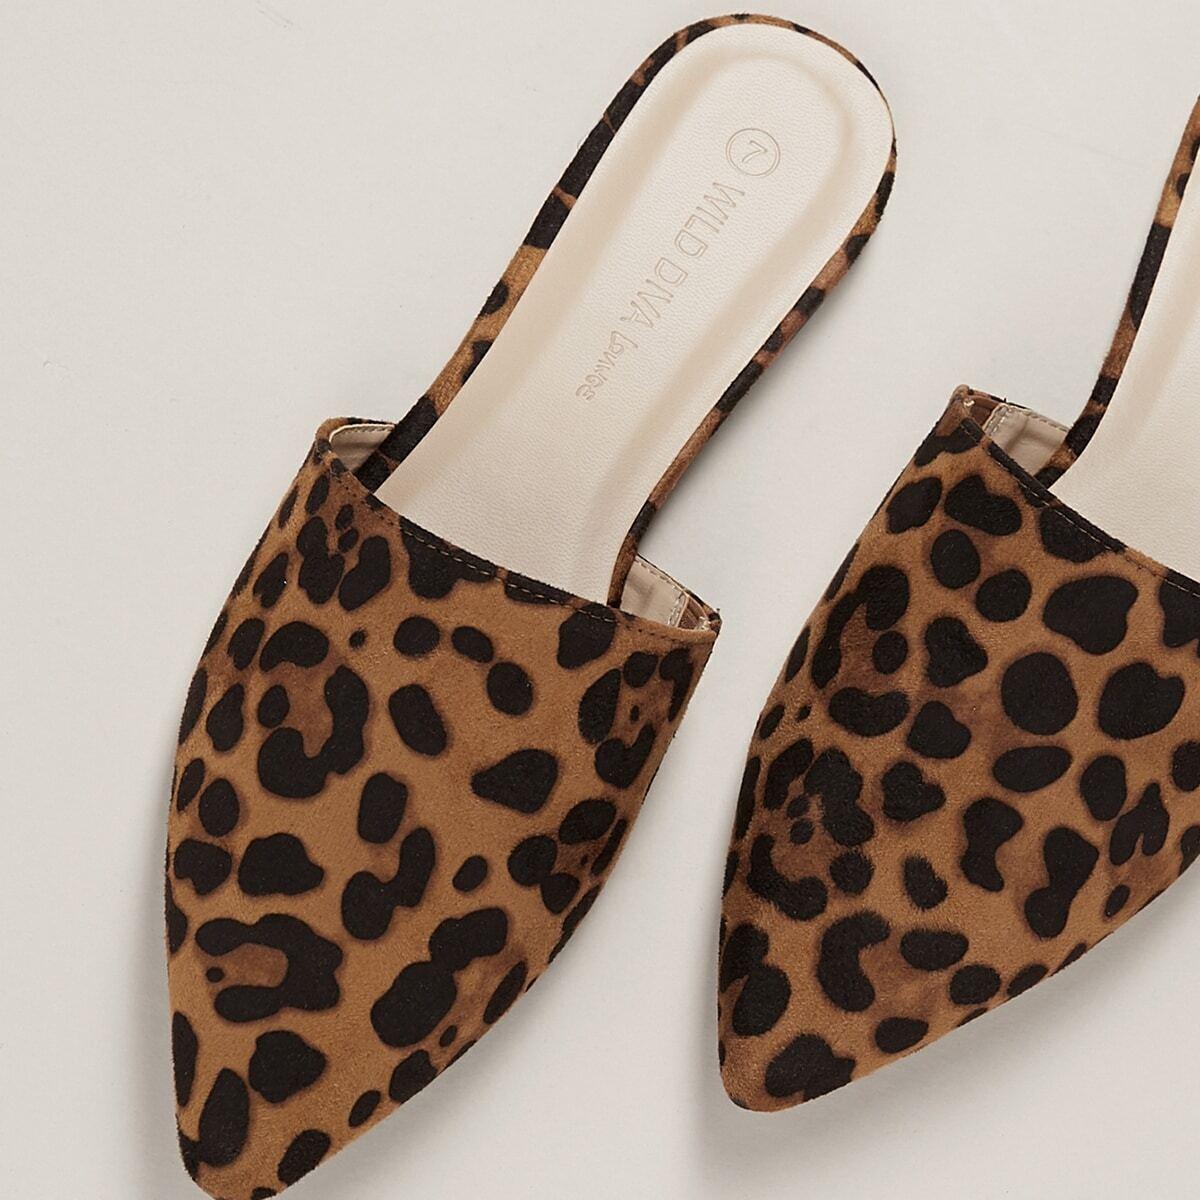 SHEIN / Mules de pantufla plana con estampado de leopardo de punta